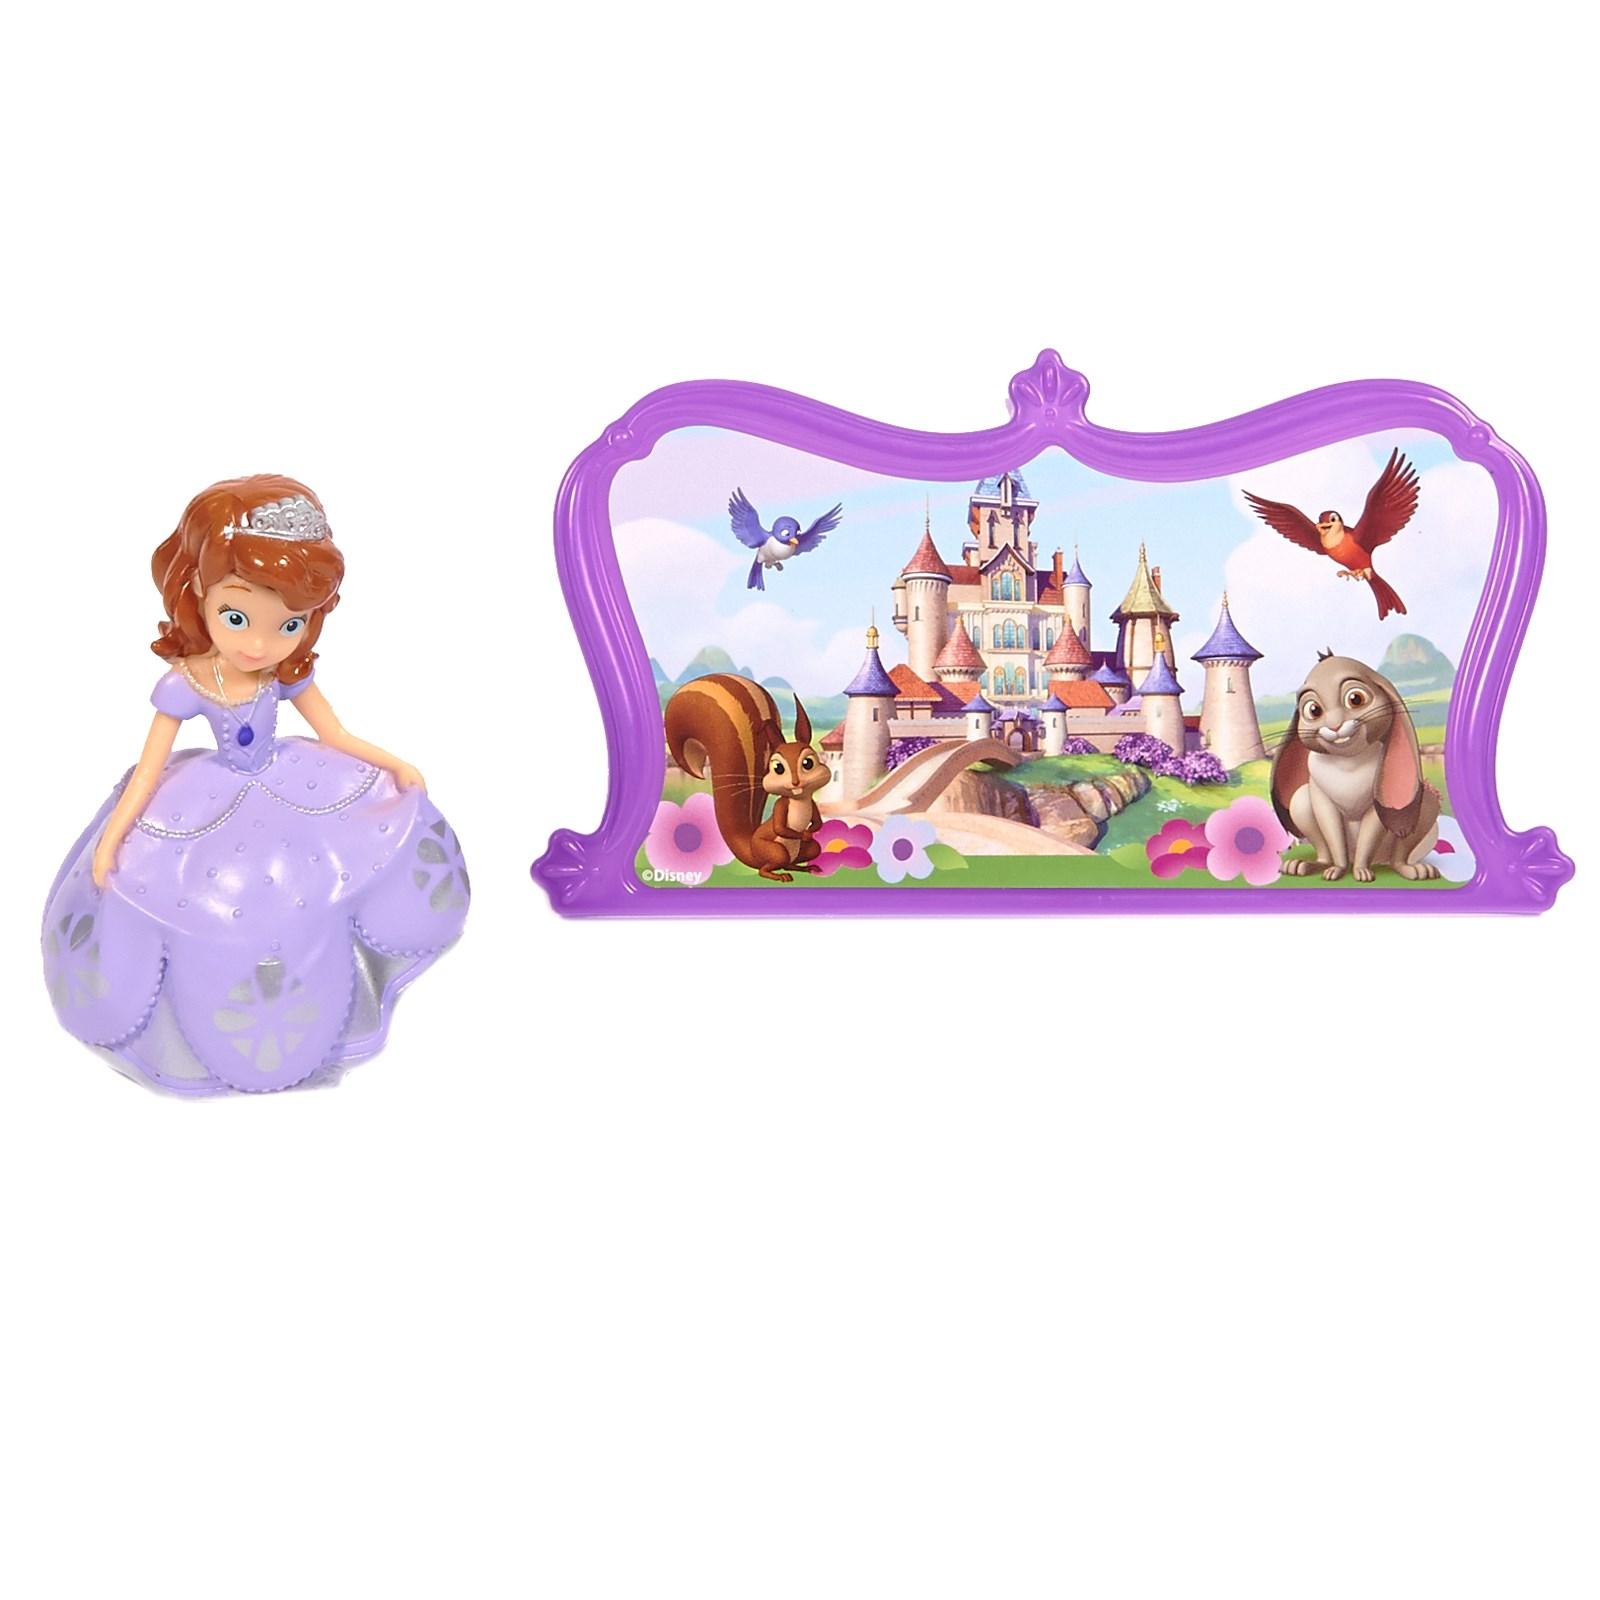 Image of Disney Junior Sofia the First Cake Topper Set